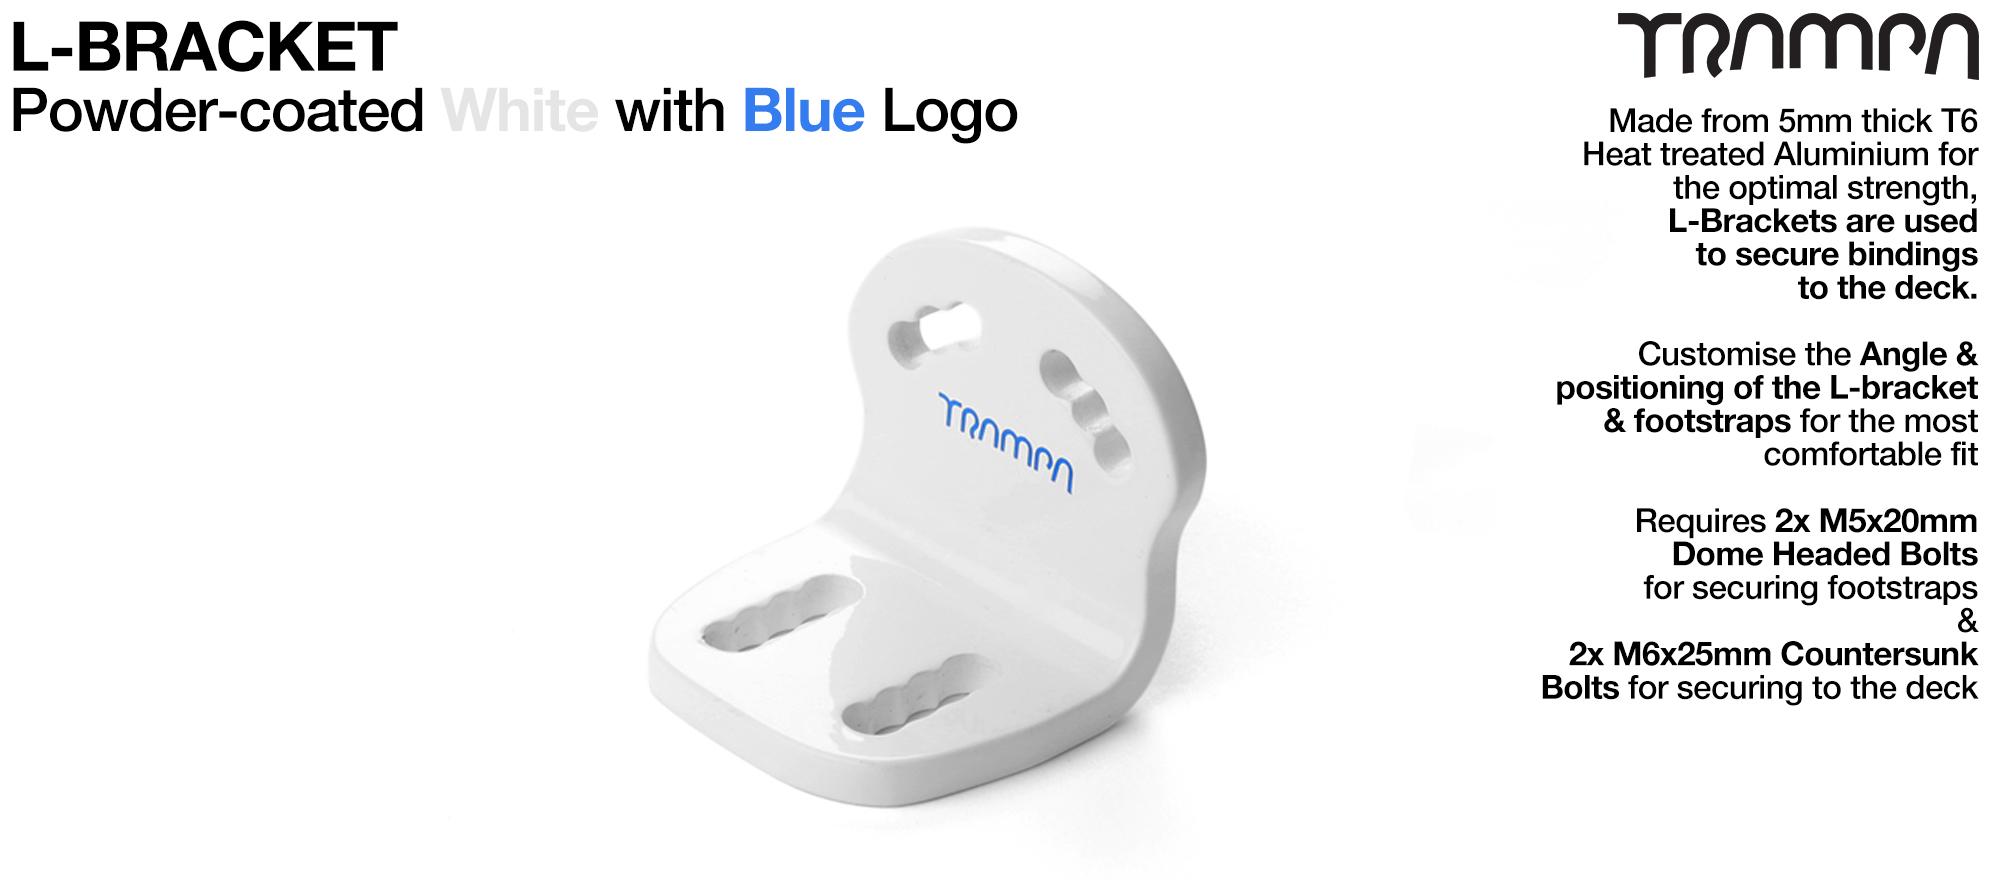 L Bracket - Powder coated WHITE with BLUE logo